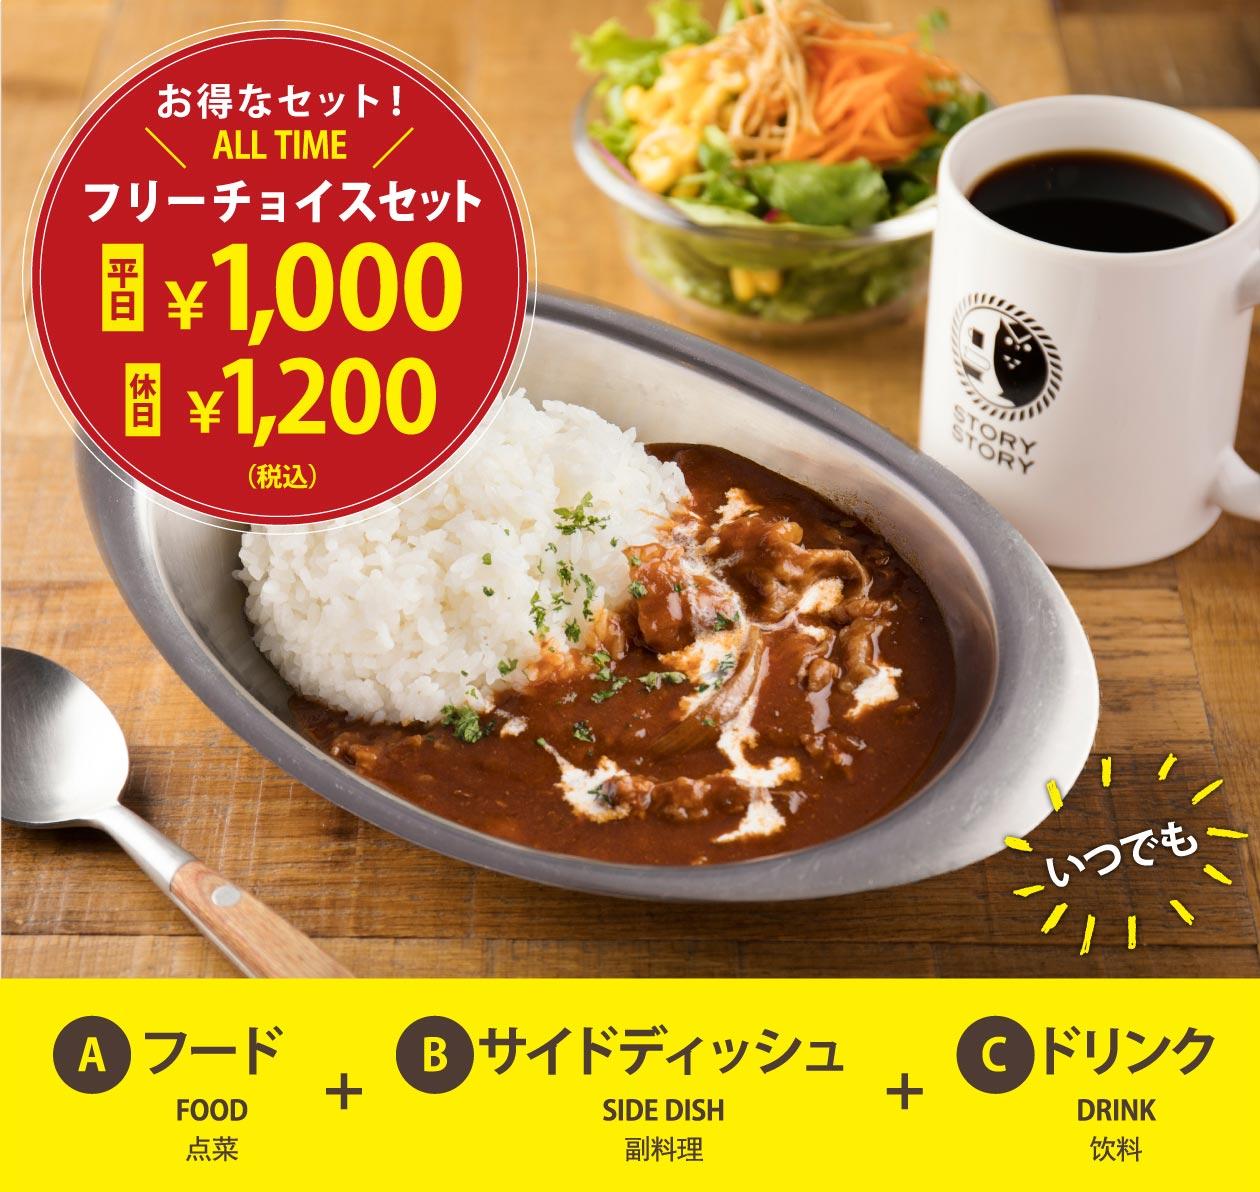 フリーチョイスセット・平日1000円・休日1200円